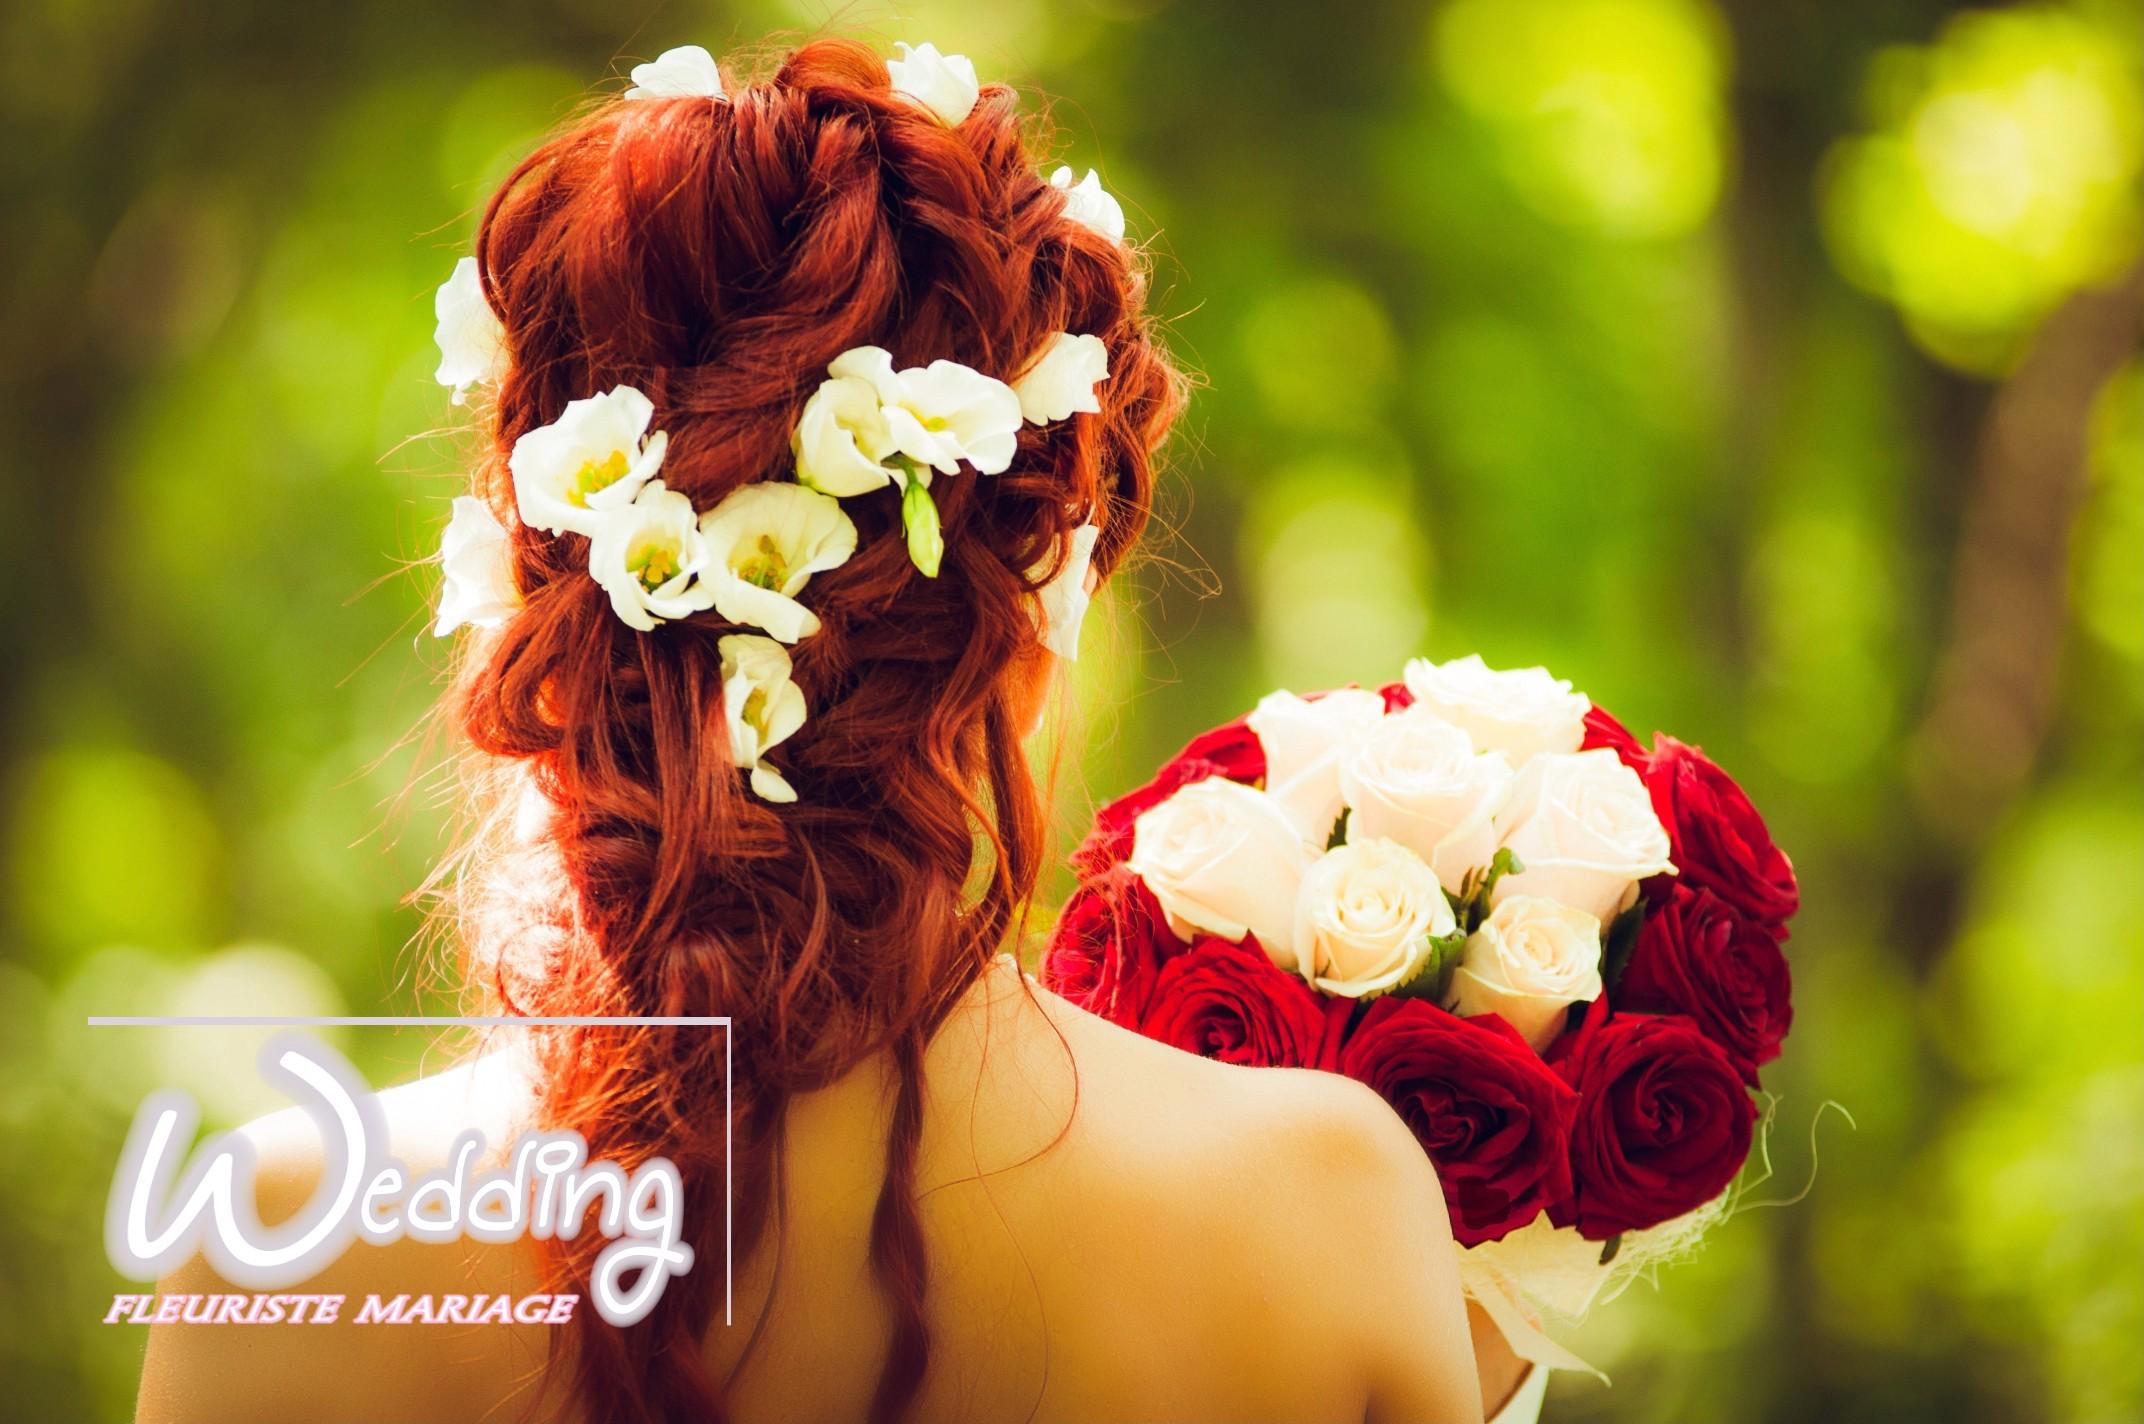 BIJOUX FLORAUX WEDDING FLEURISTE MARIAGE